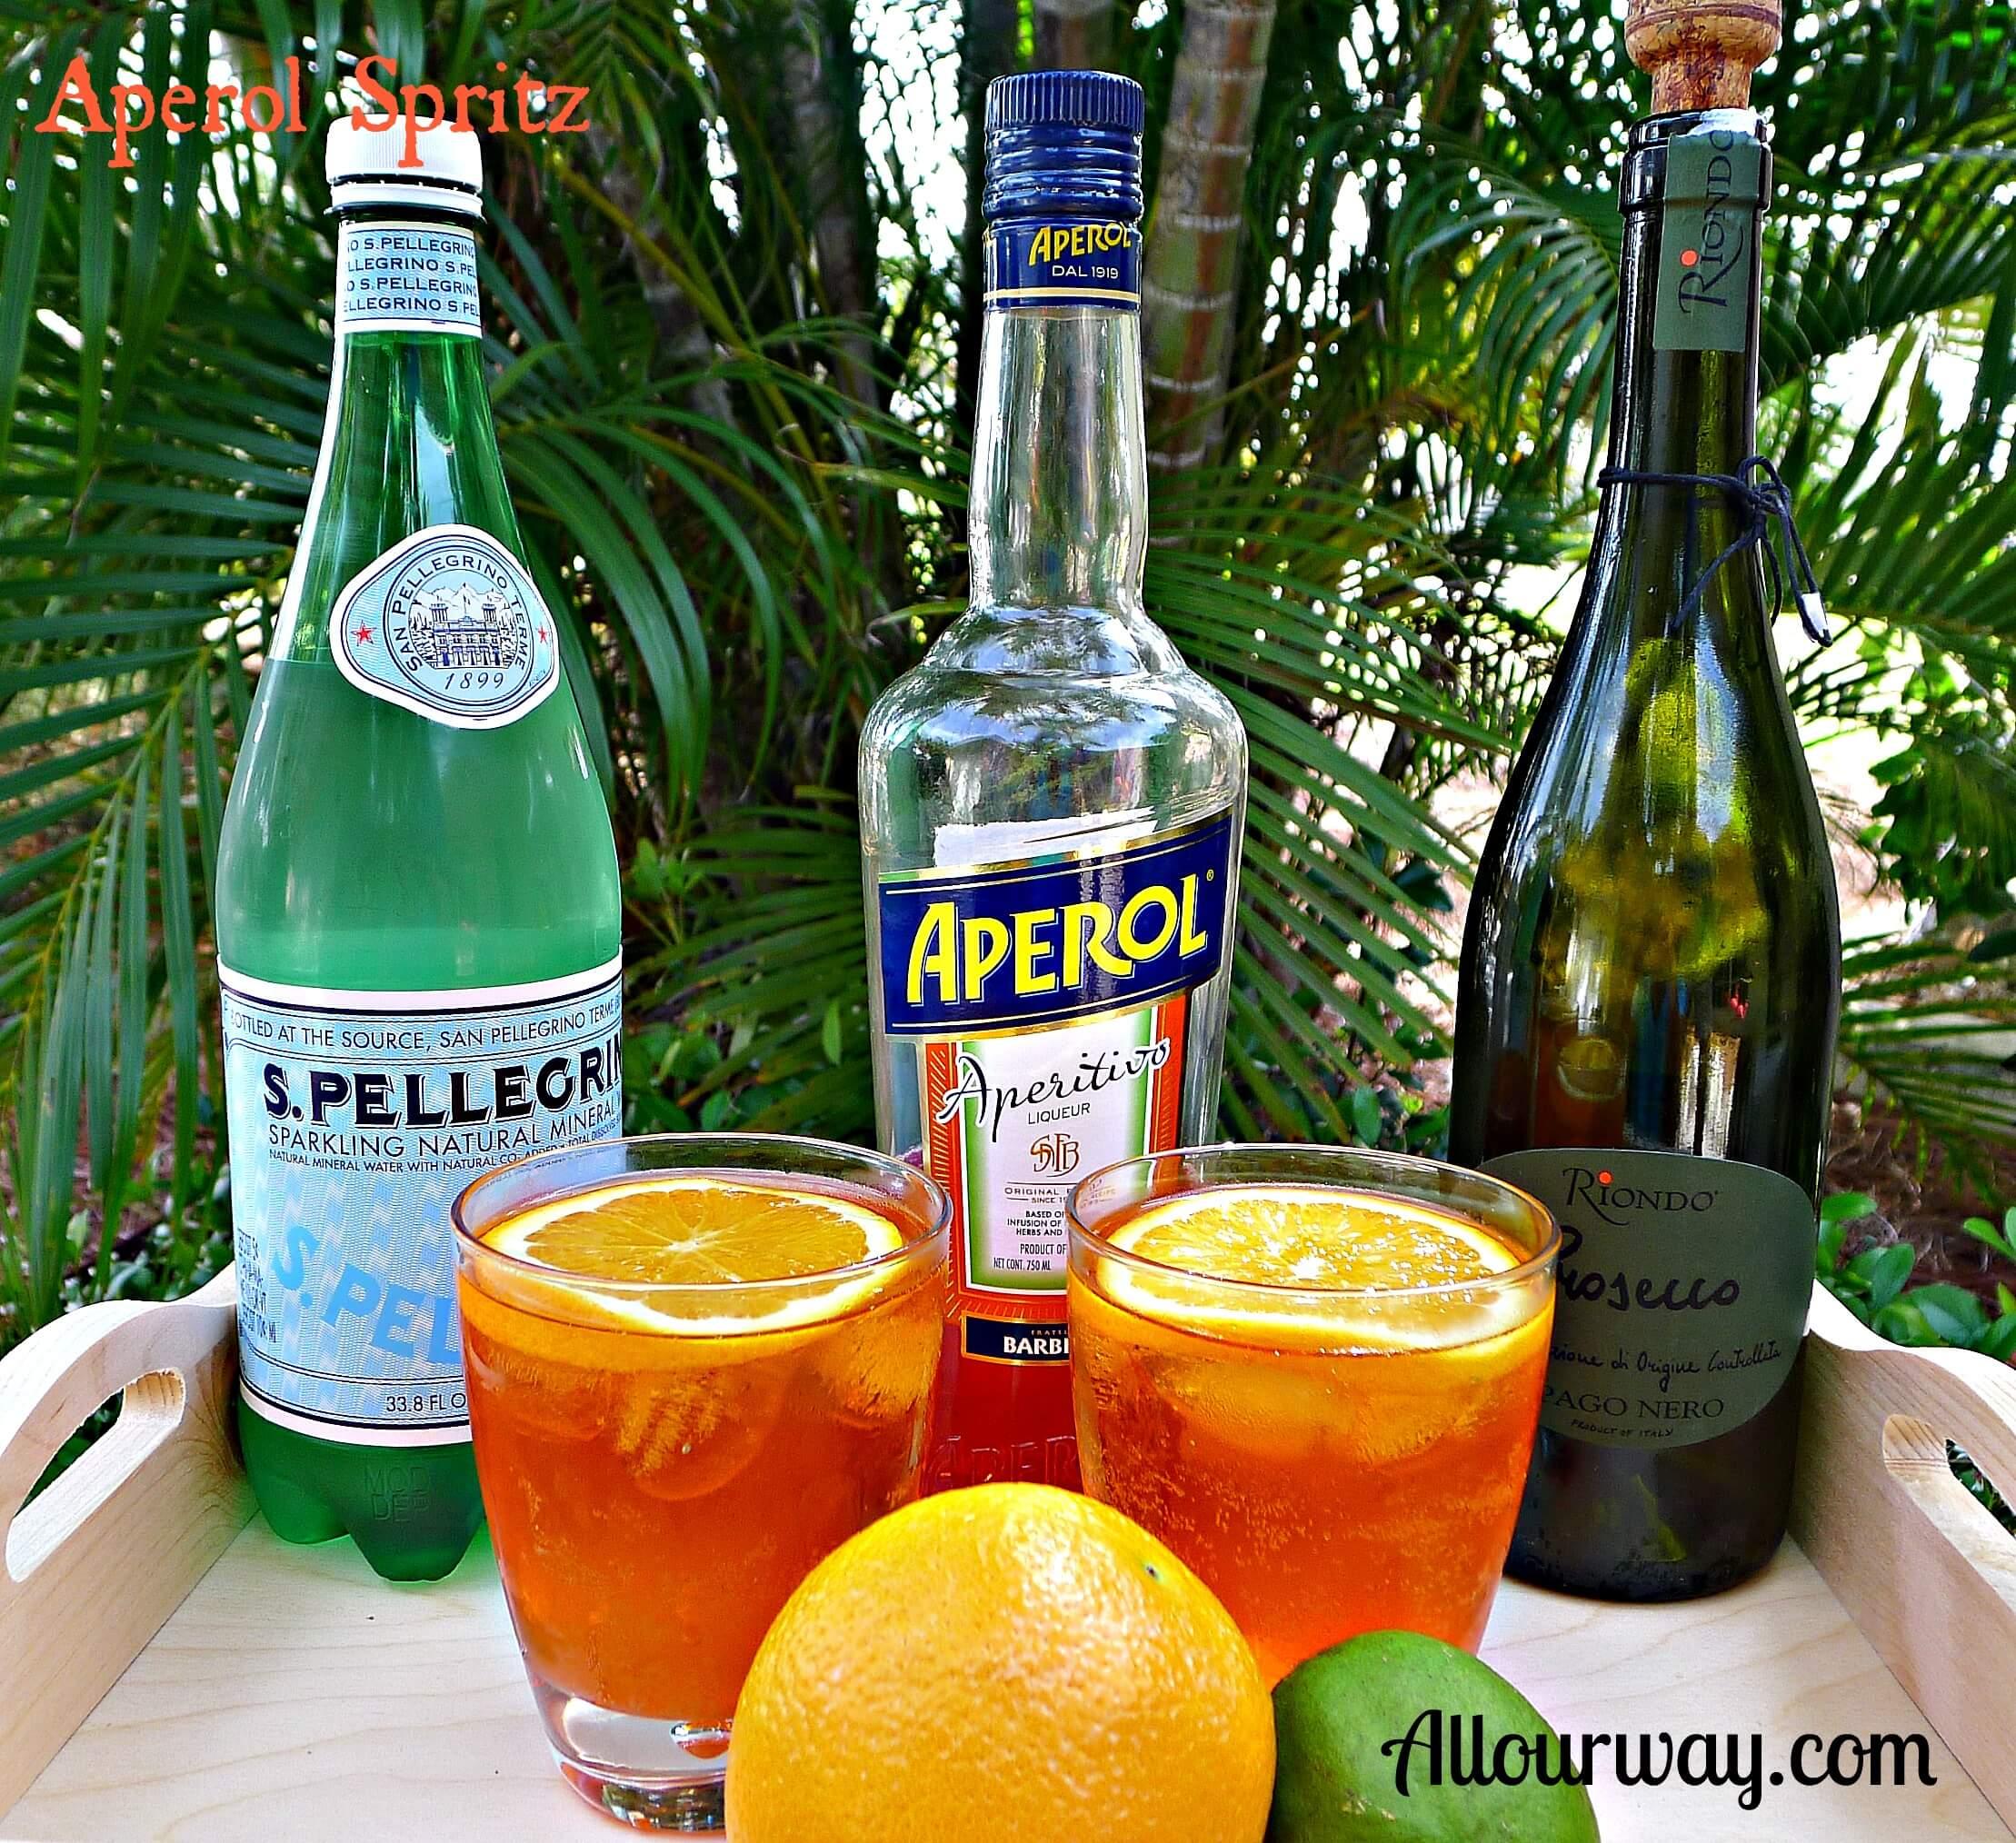 Aperol spritz aperitivo a popular veneto drink and aperitif for Bicchieri aperol spritz